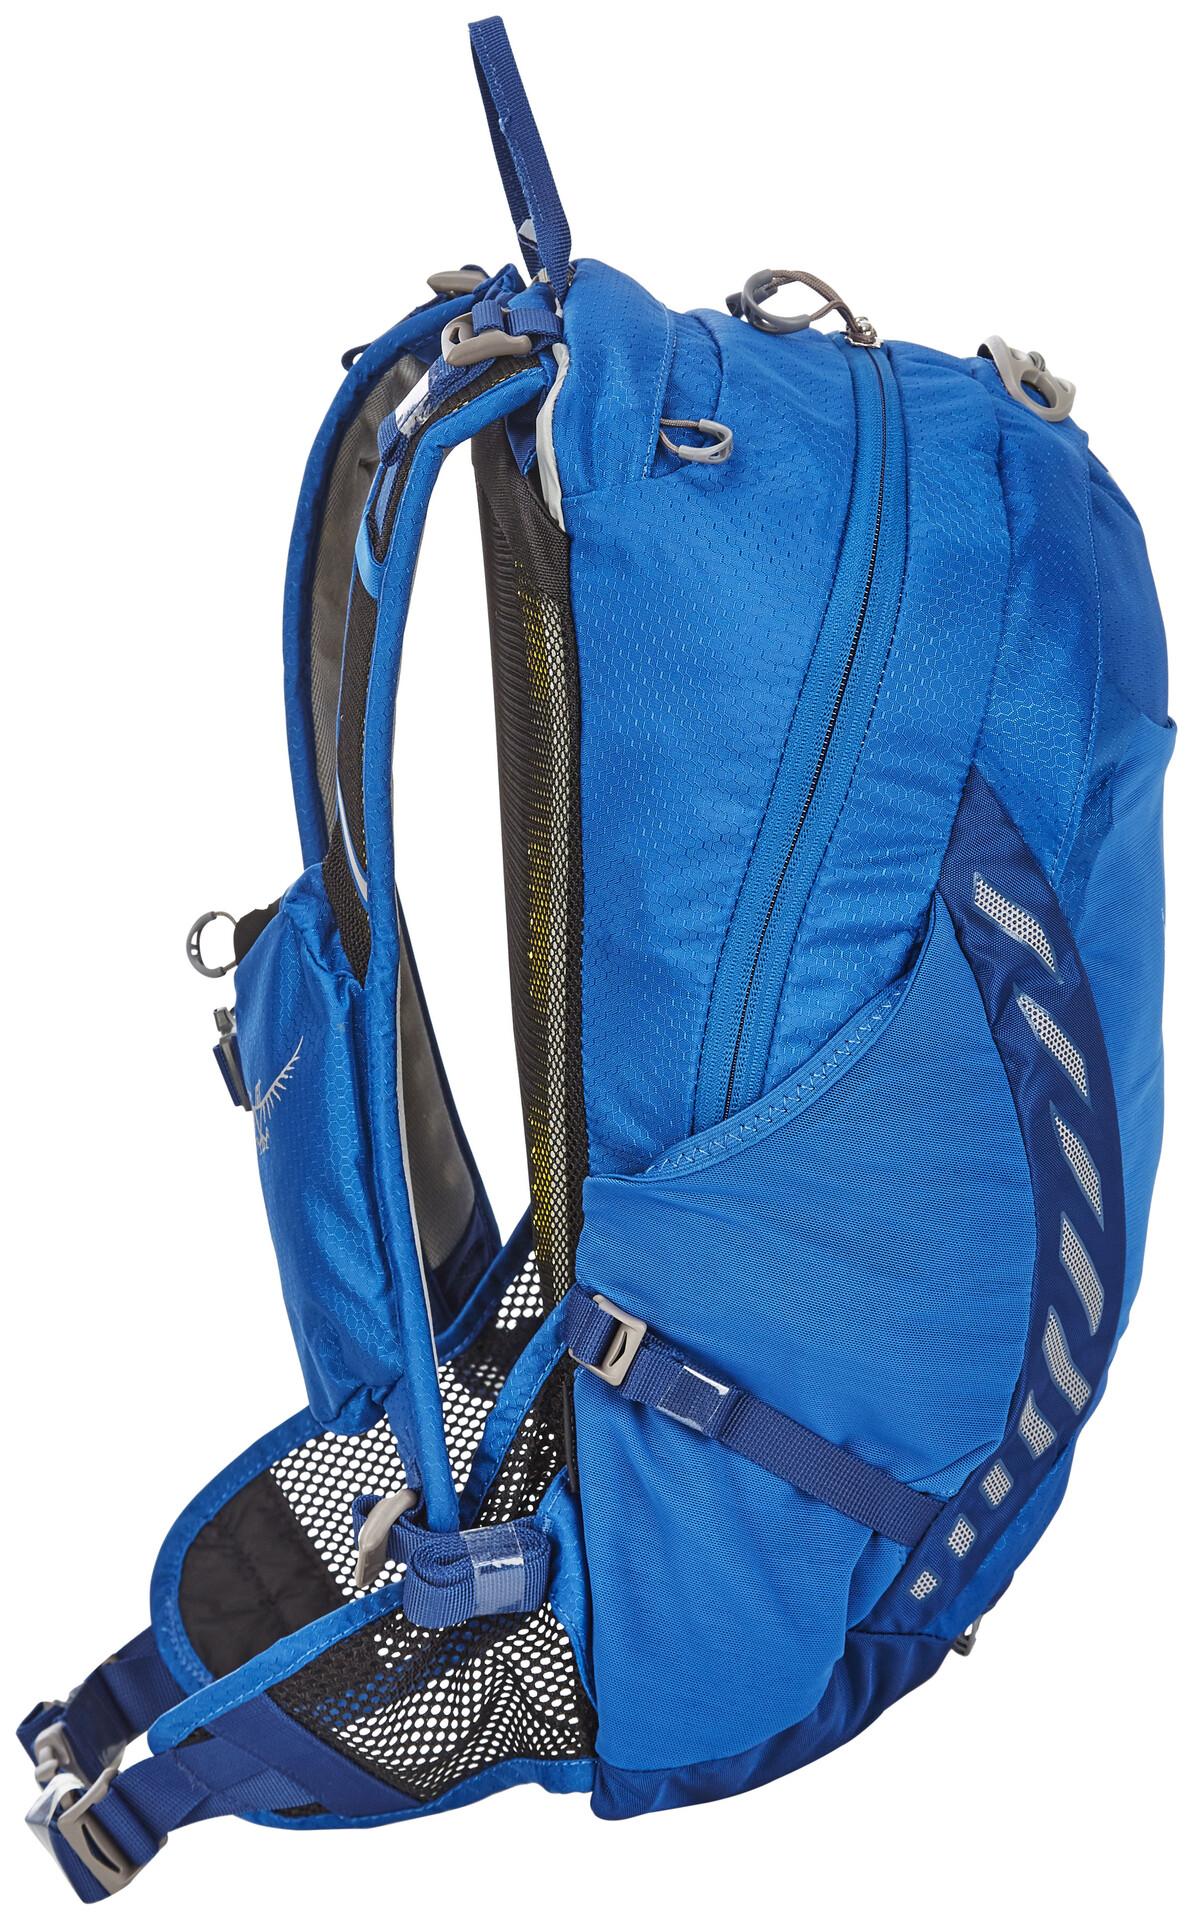 18 Sac Osprey Dos Bleu À Sm Sur Escapist Campz qz55HCxw7